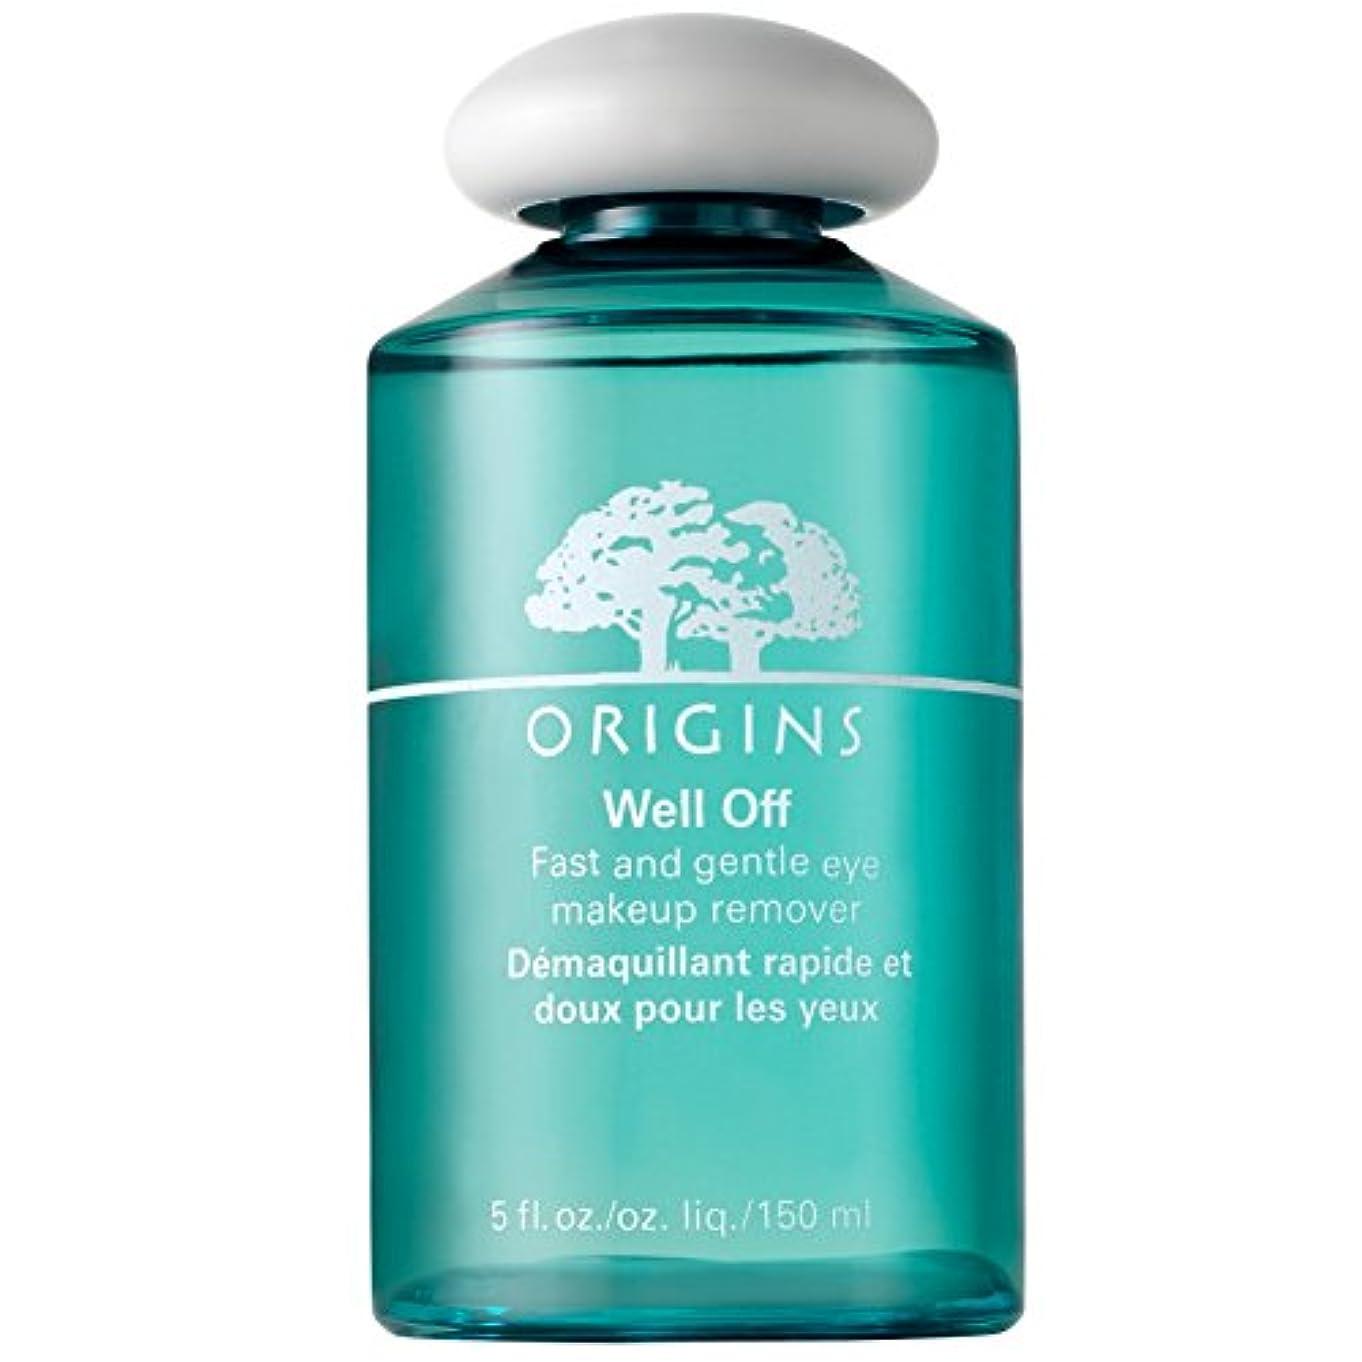 フォームラッカス崩壊よく迅速かつ穏やかなアイメイクリムーバー150ミリリットルOff?起源 (Origins) (x6) - Origins Well Off? Fast And Gentle Eye Makeup Remover 150ml...